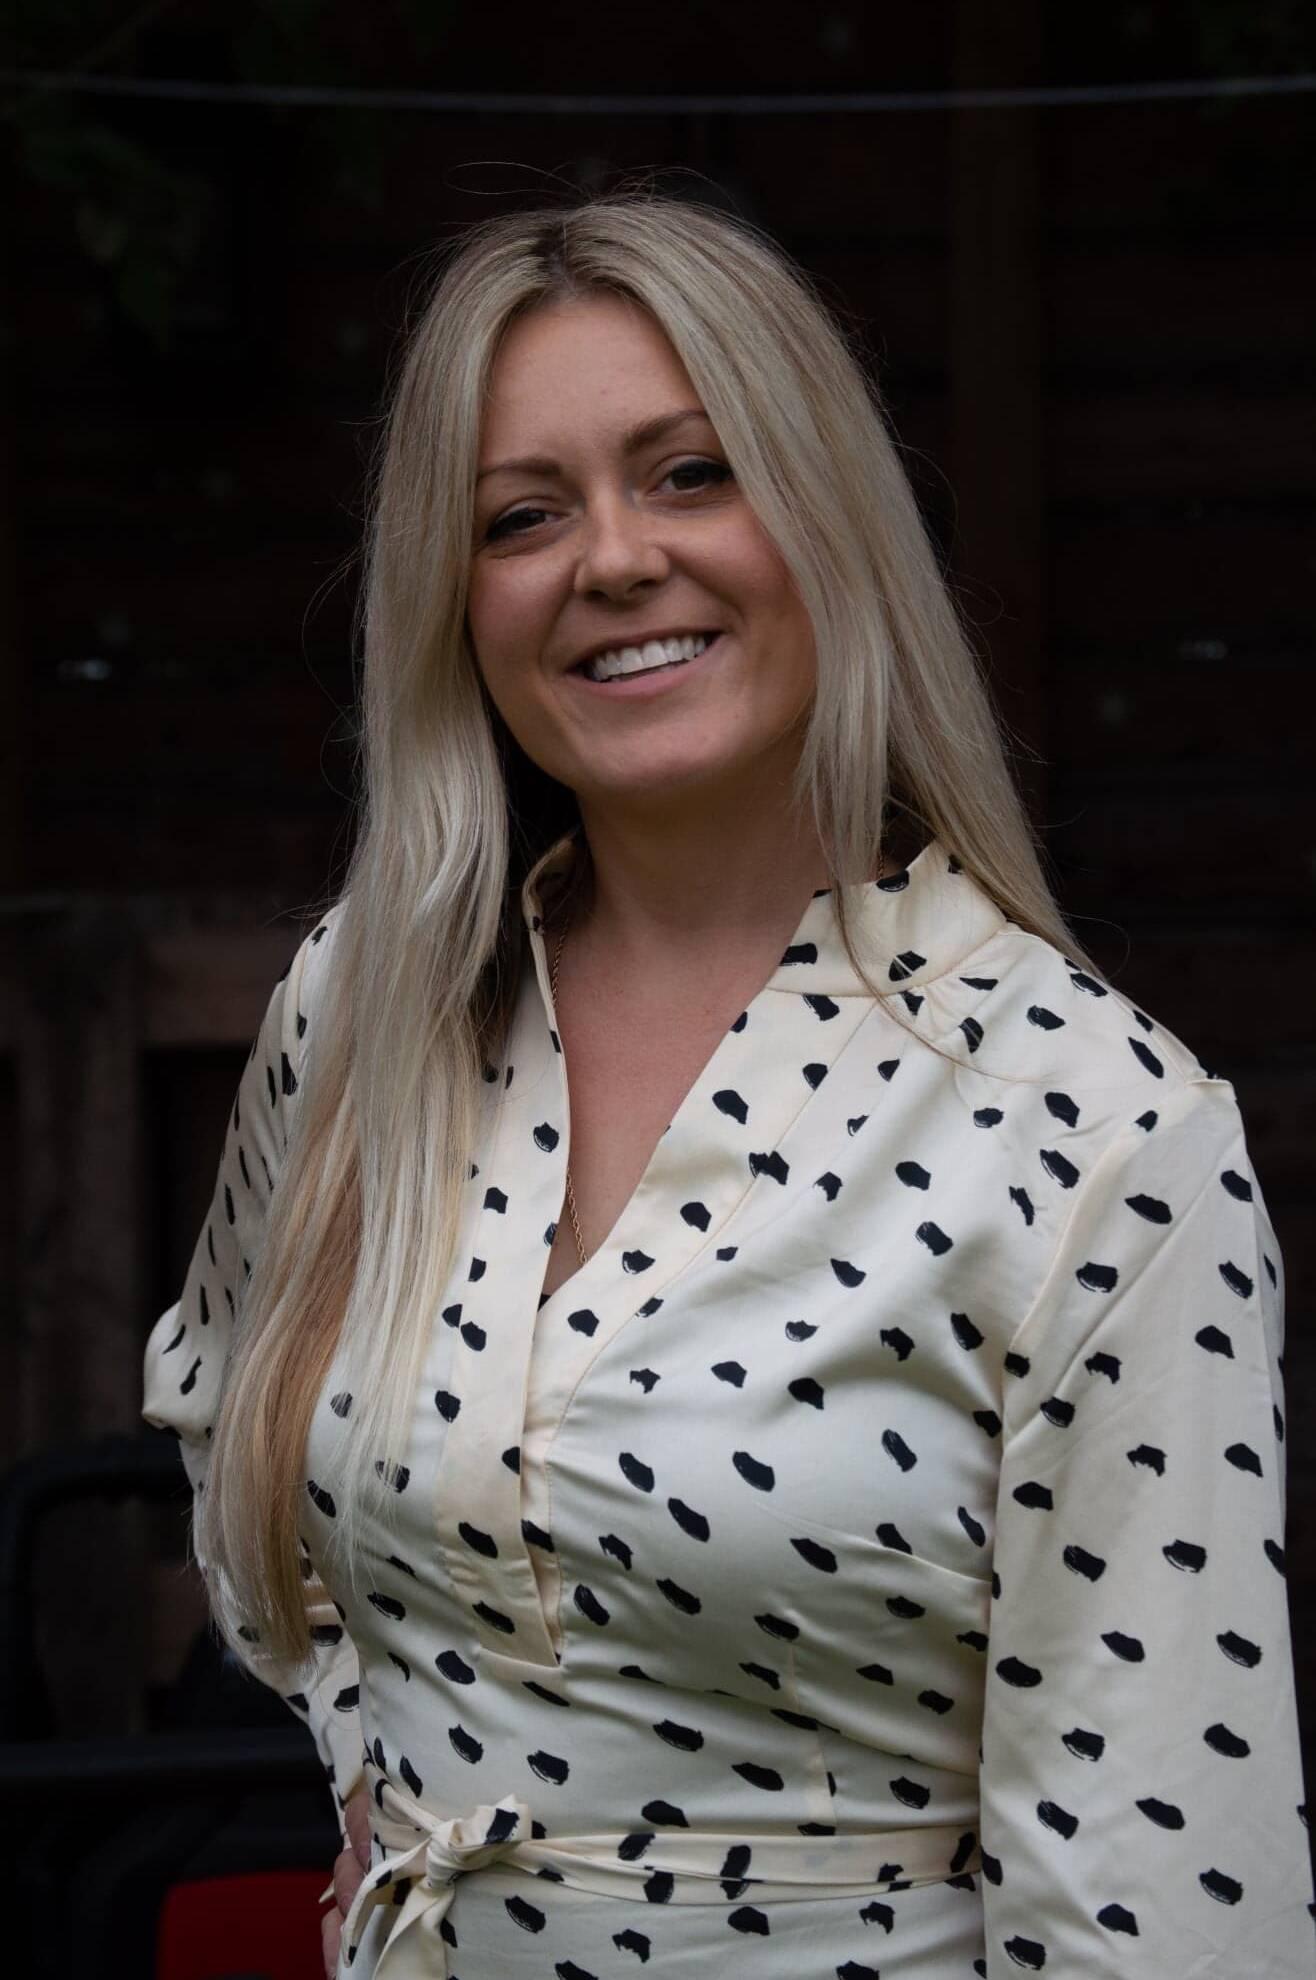 Lana Kunstek